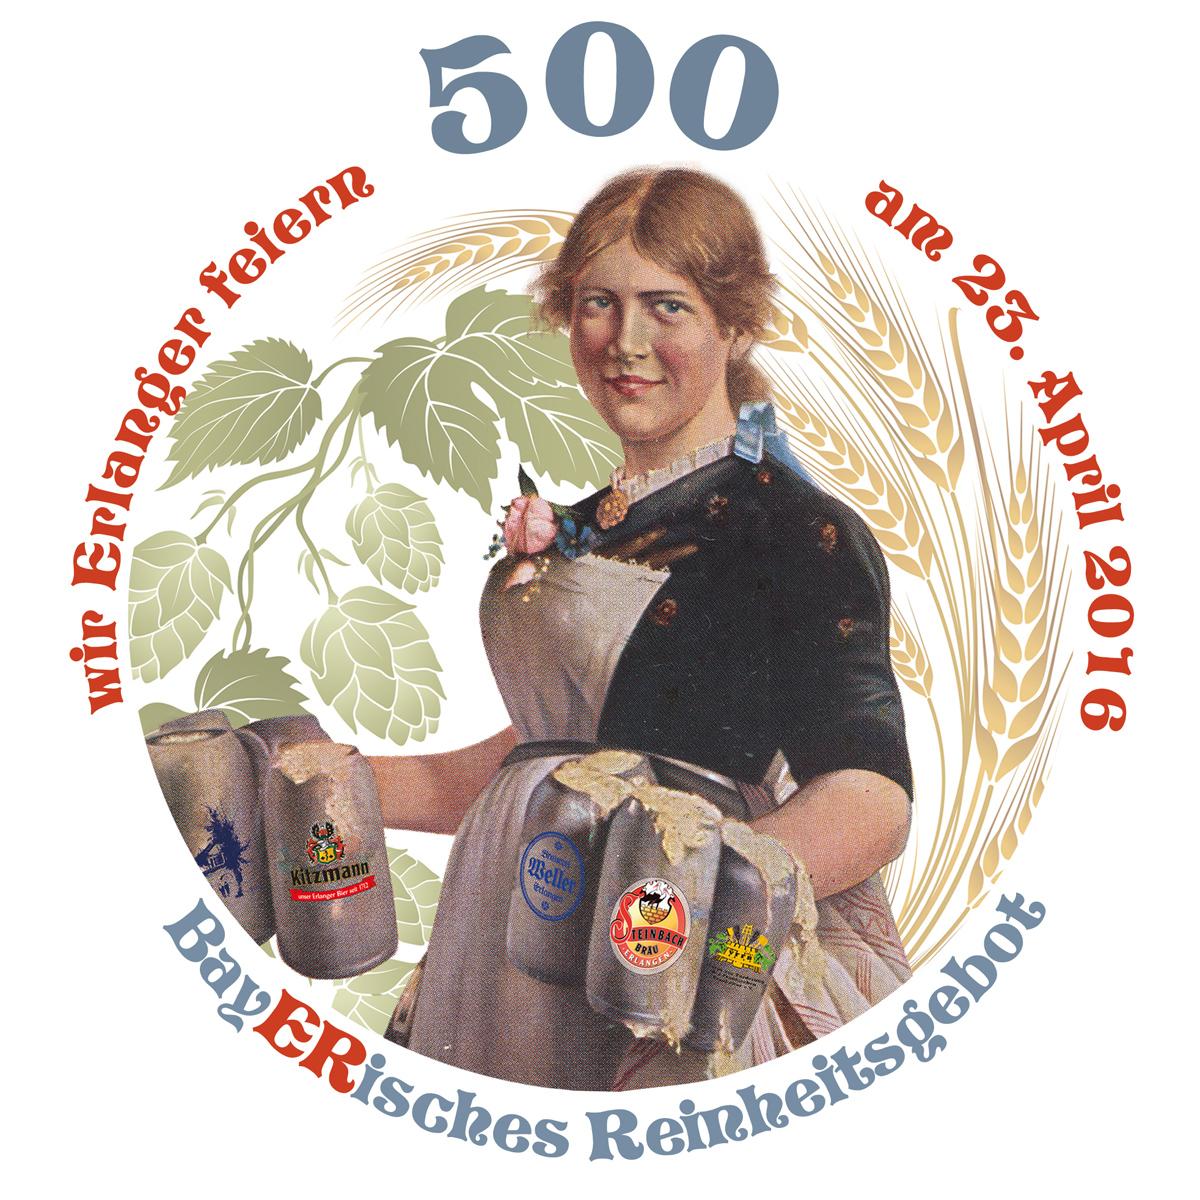 Programm 500 Jahre Reinheitsgebot in Erlangen